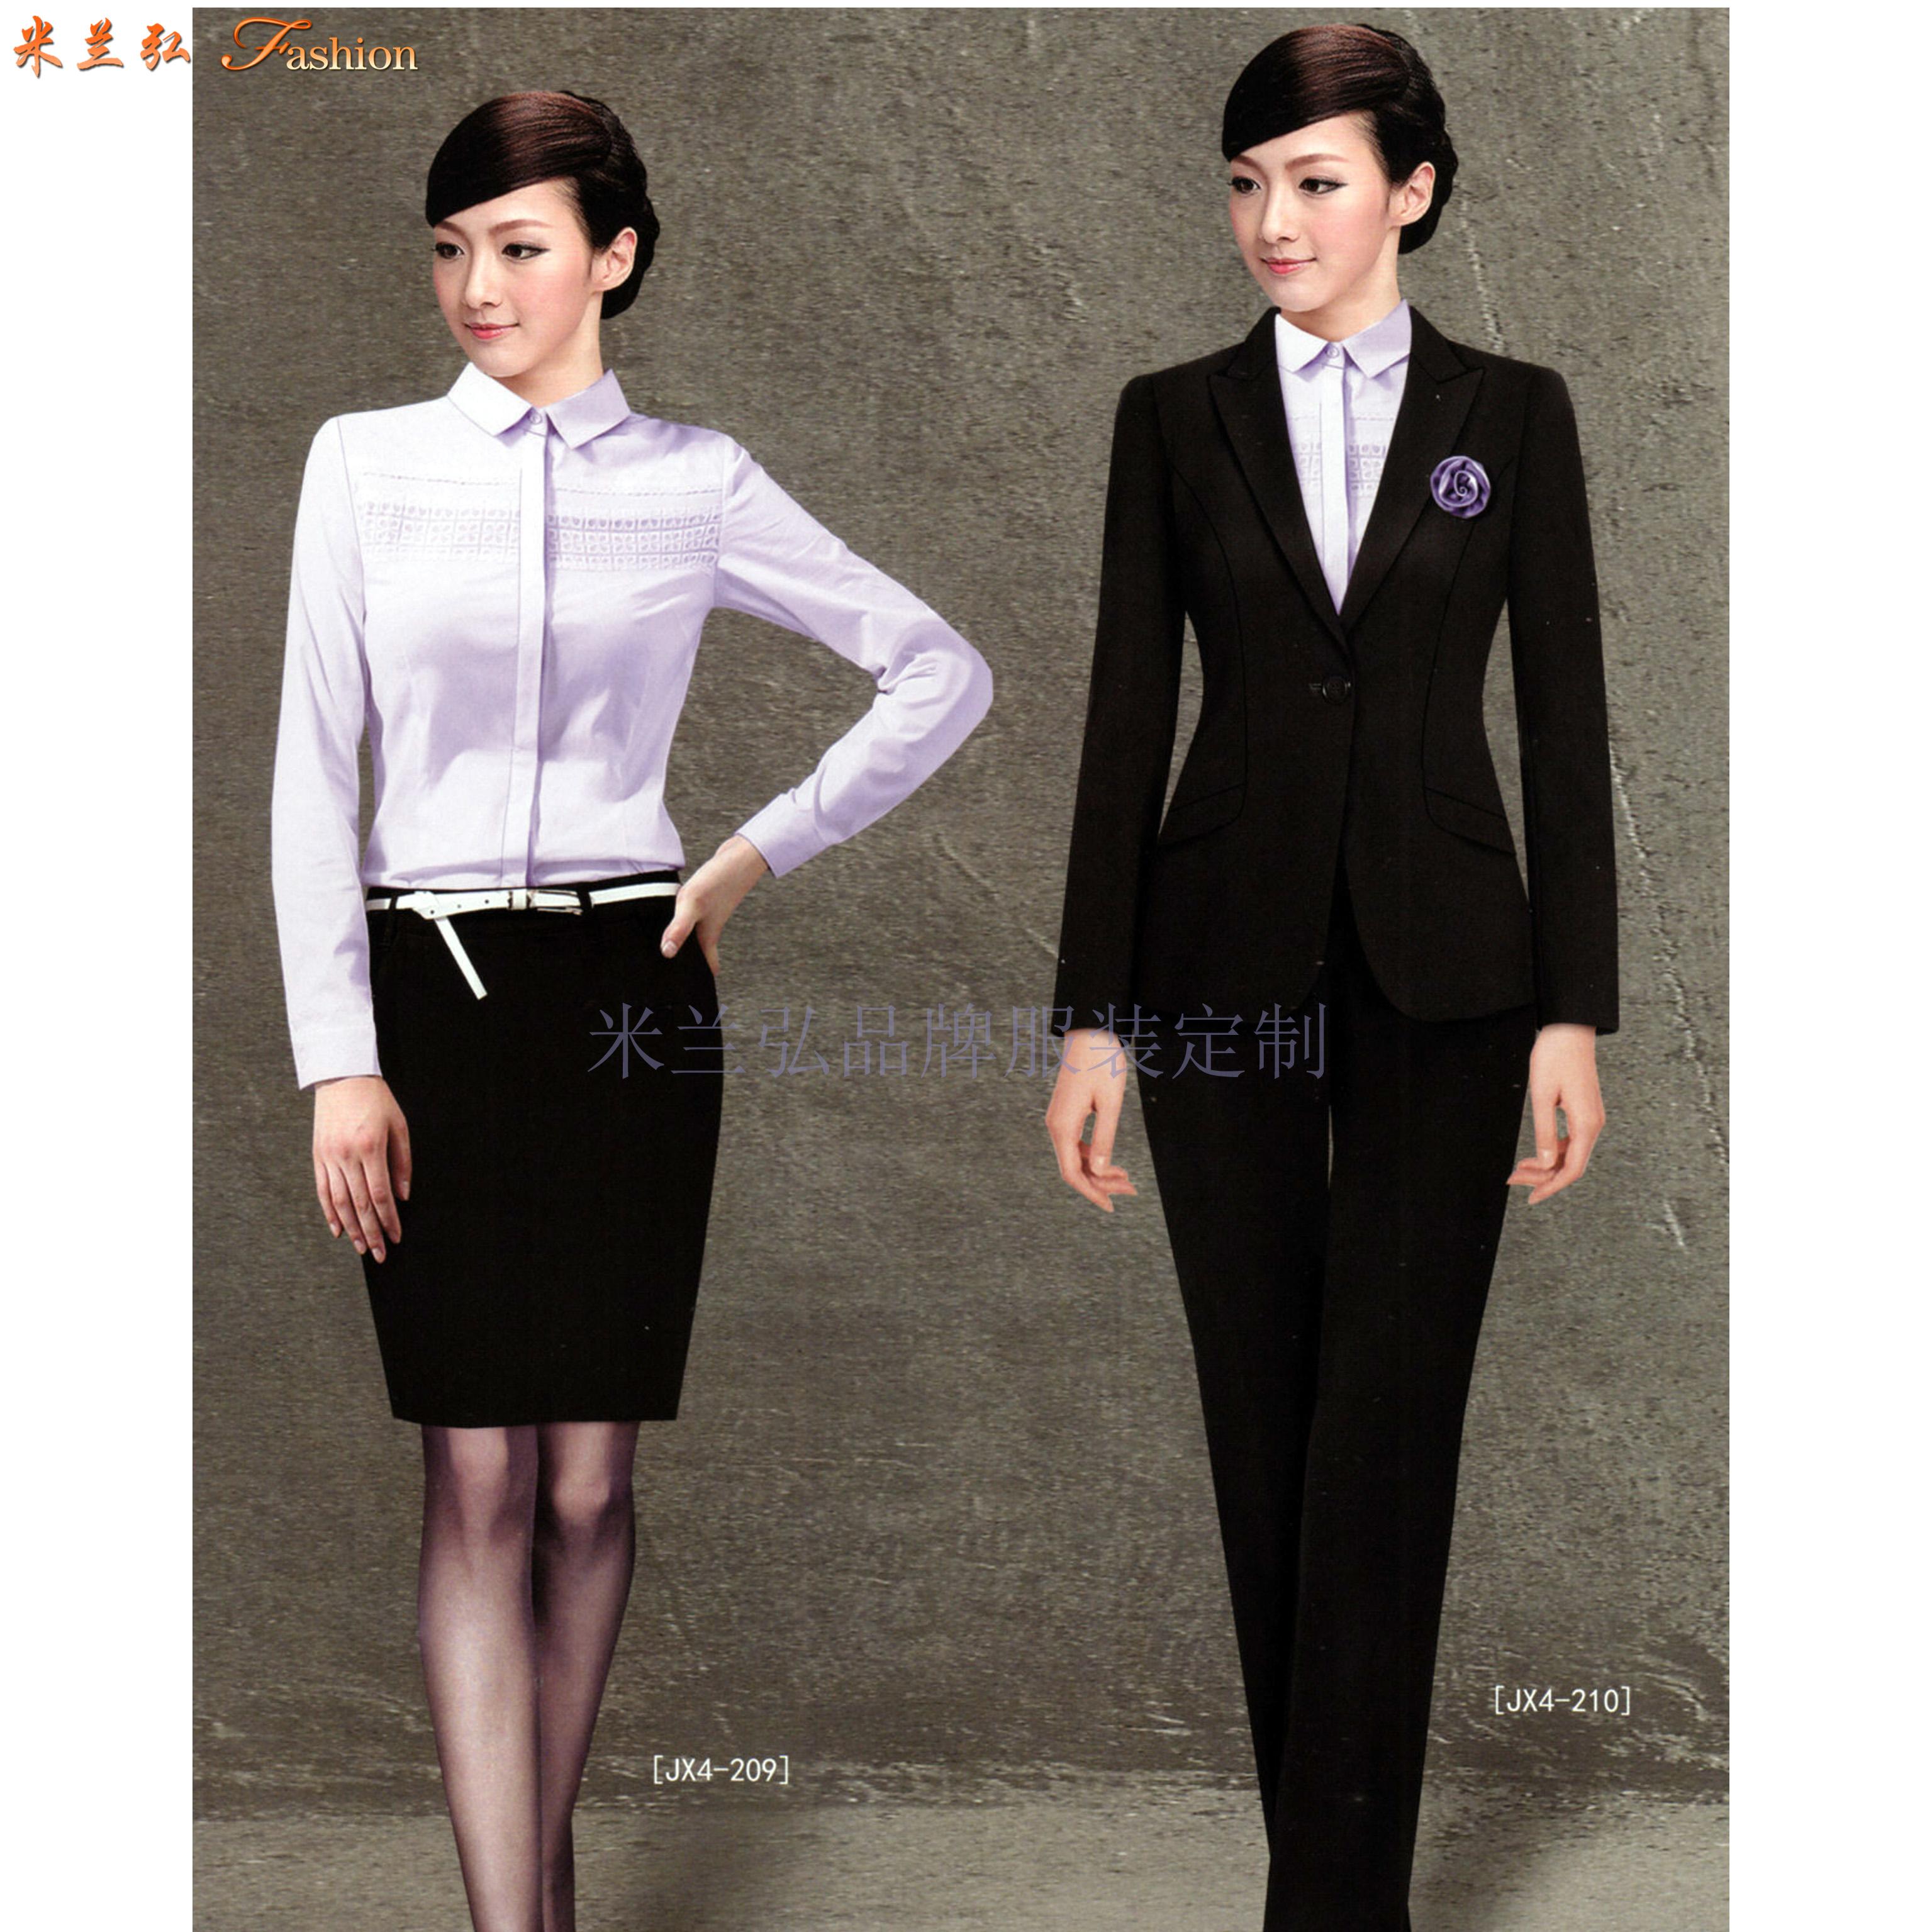 比較正式的商務西服一般選擇黑色或者藏藍色的羊毛面料-米蘭弘-6